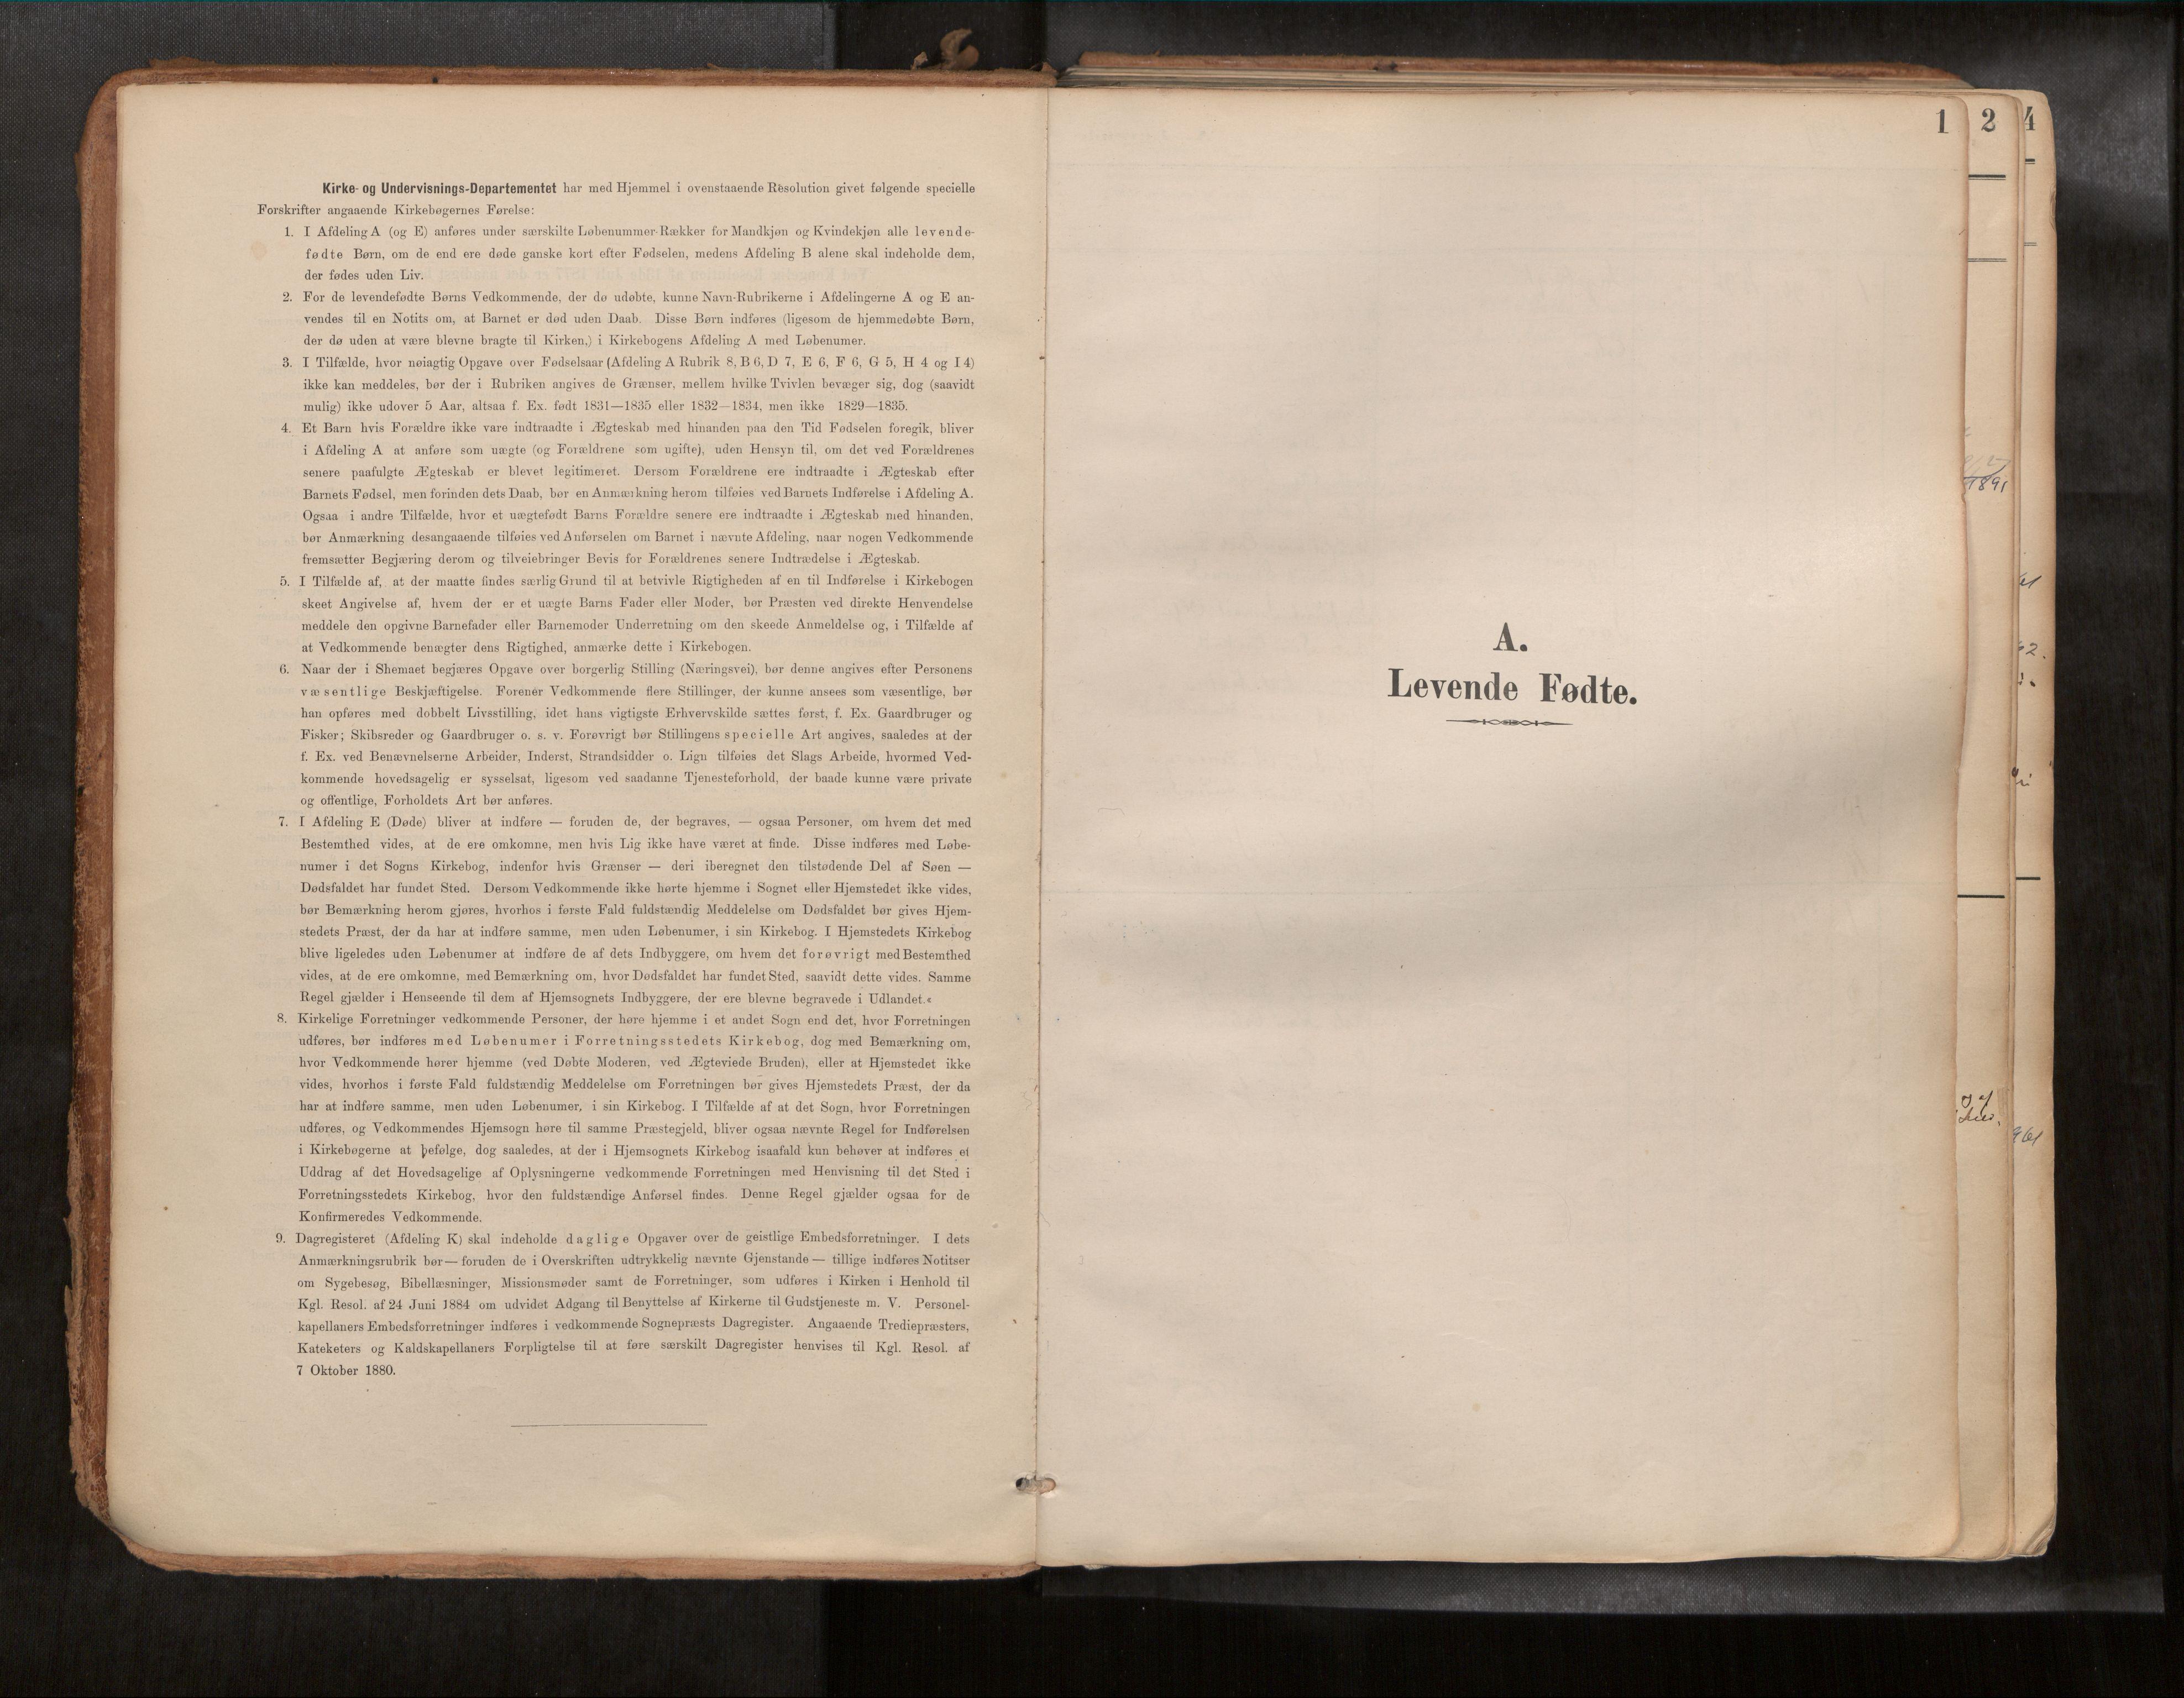 SAT, Ministerialprotokoller, klokkerbøker og fødselsregistre - Sør-Trøndelag, 692/L1105b: Ministerialbok nr. 692A06, 1891-1934, s. 1